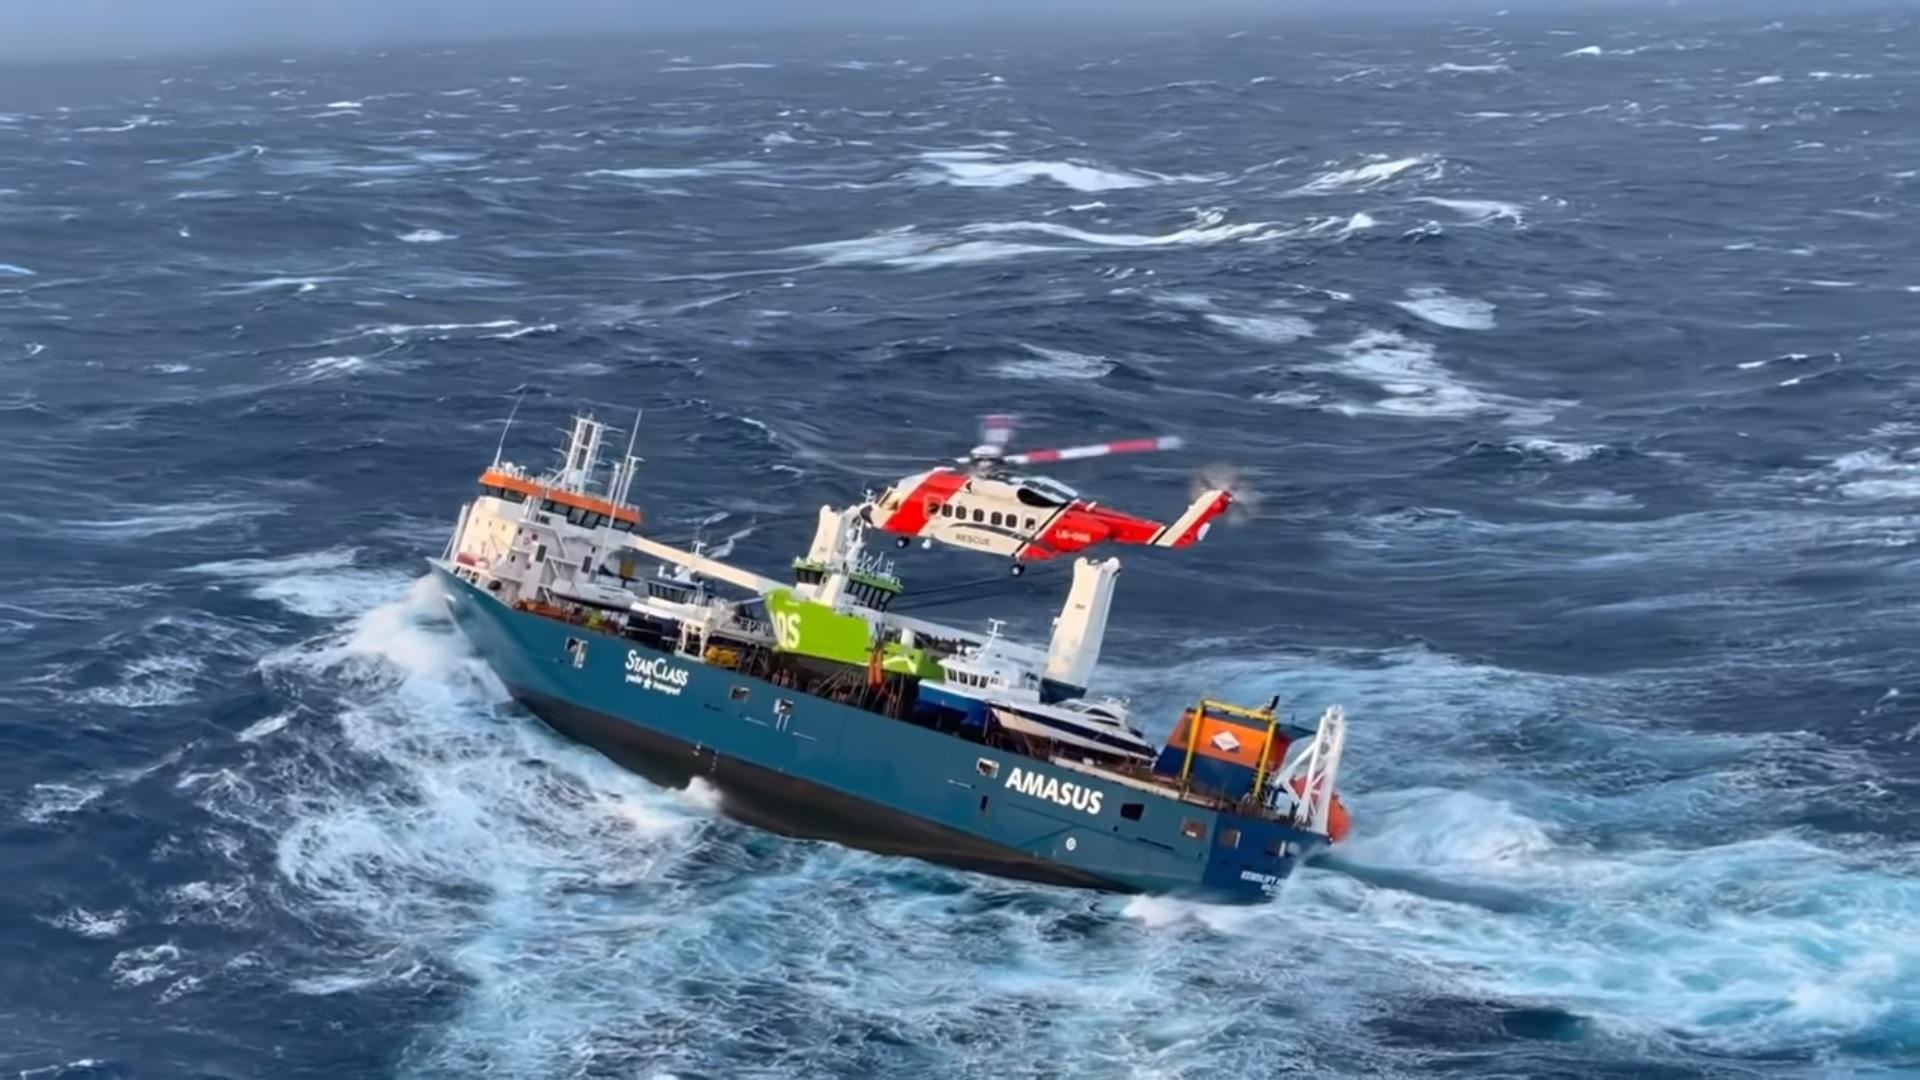 De reddingsactie van de Eemslift Hendrika was een spectaculaire operatie (Foto YouTube / Hovedredningssentralen Sør-Norge)